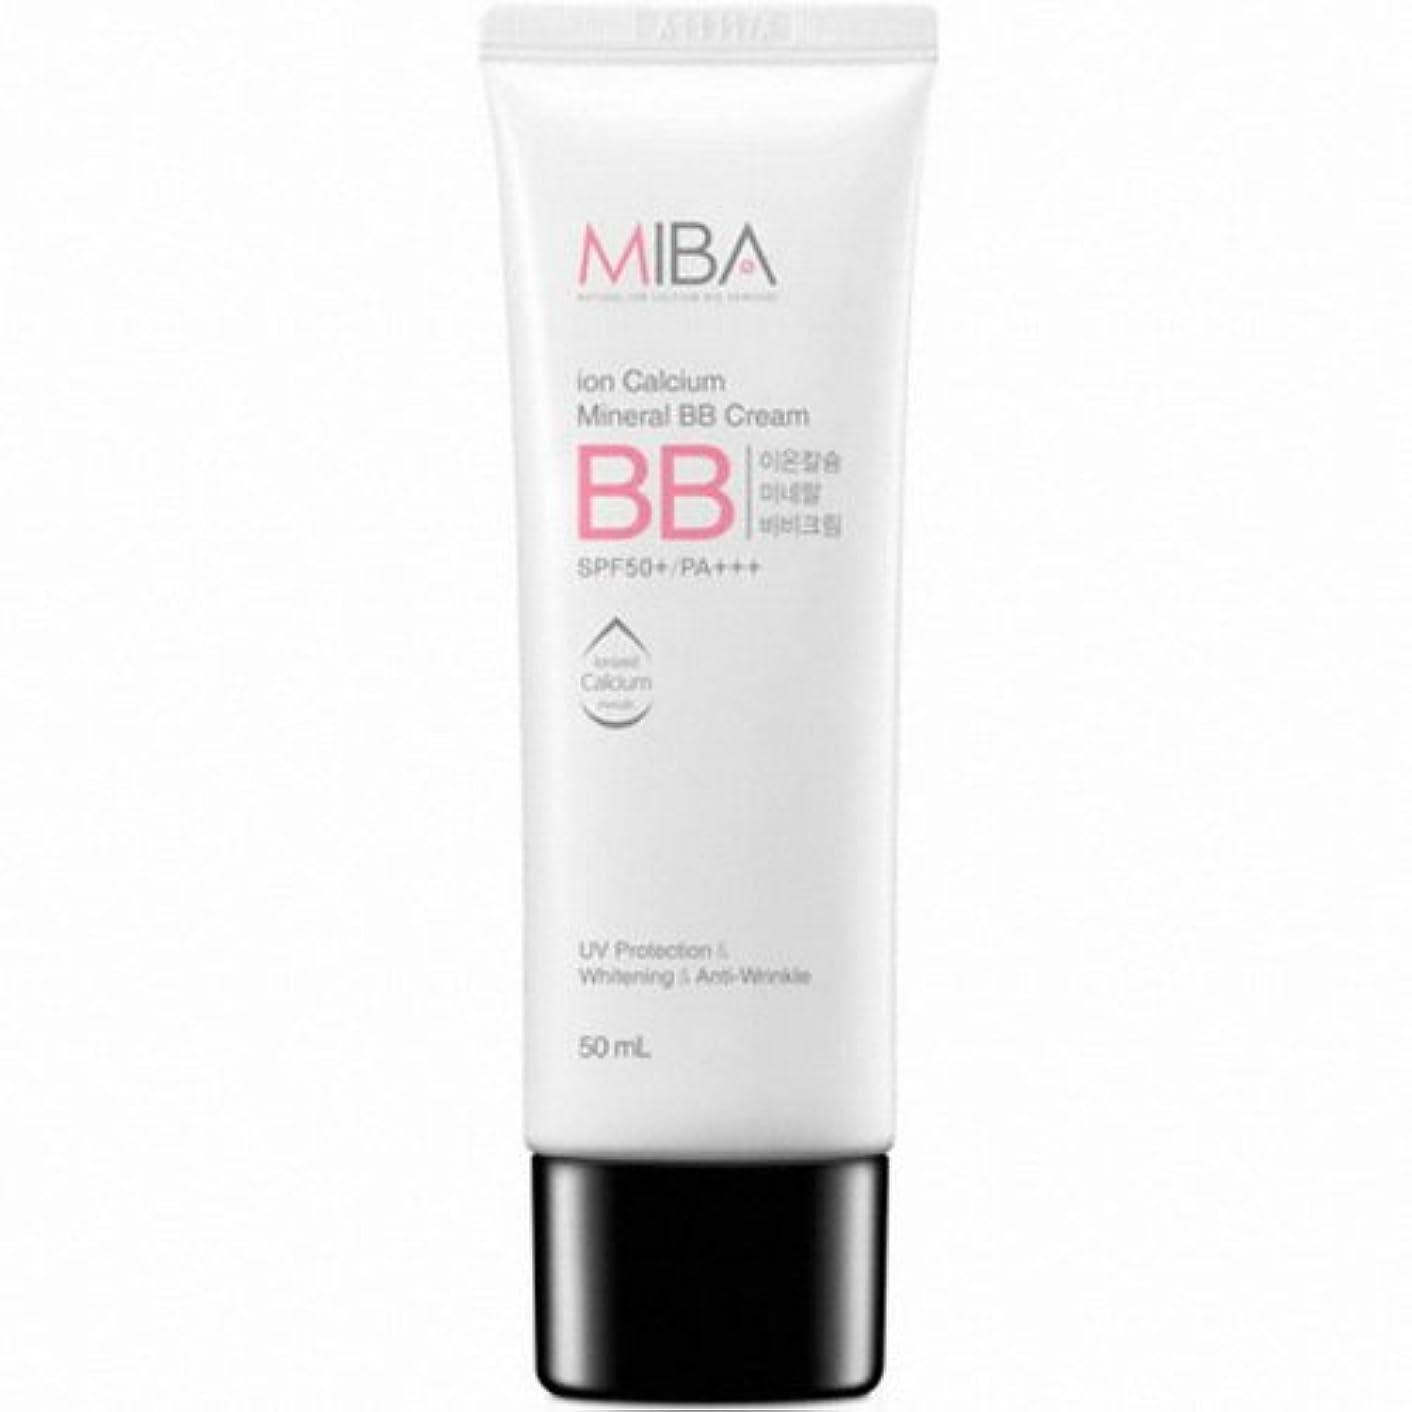 一般的な病渇きMINERALBIO (ミネラルバイオ) ミバ イオン カルシウム ミネラル ビビクリーム / MIBA Ion Calcium Mineral BB Cream (50ml) [並行輸入品]